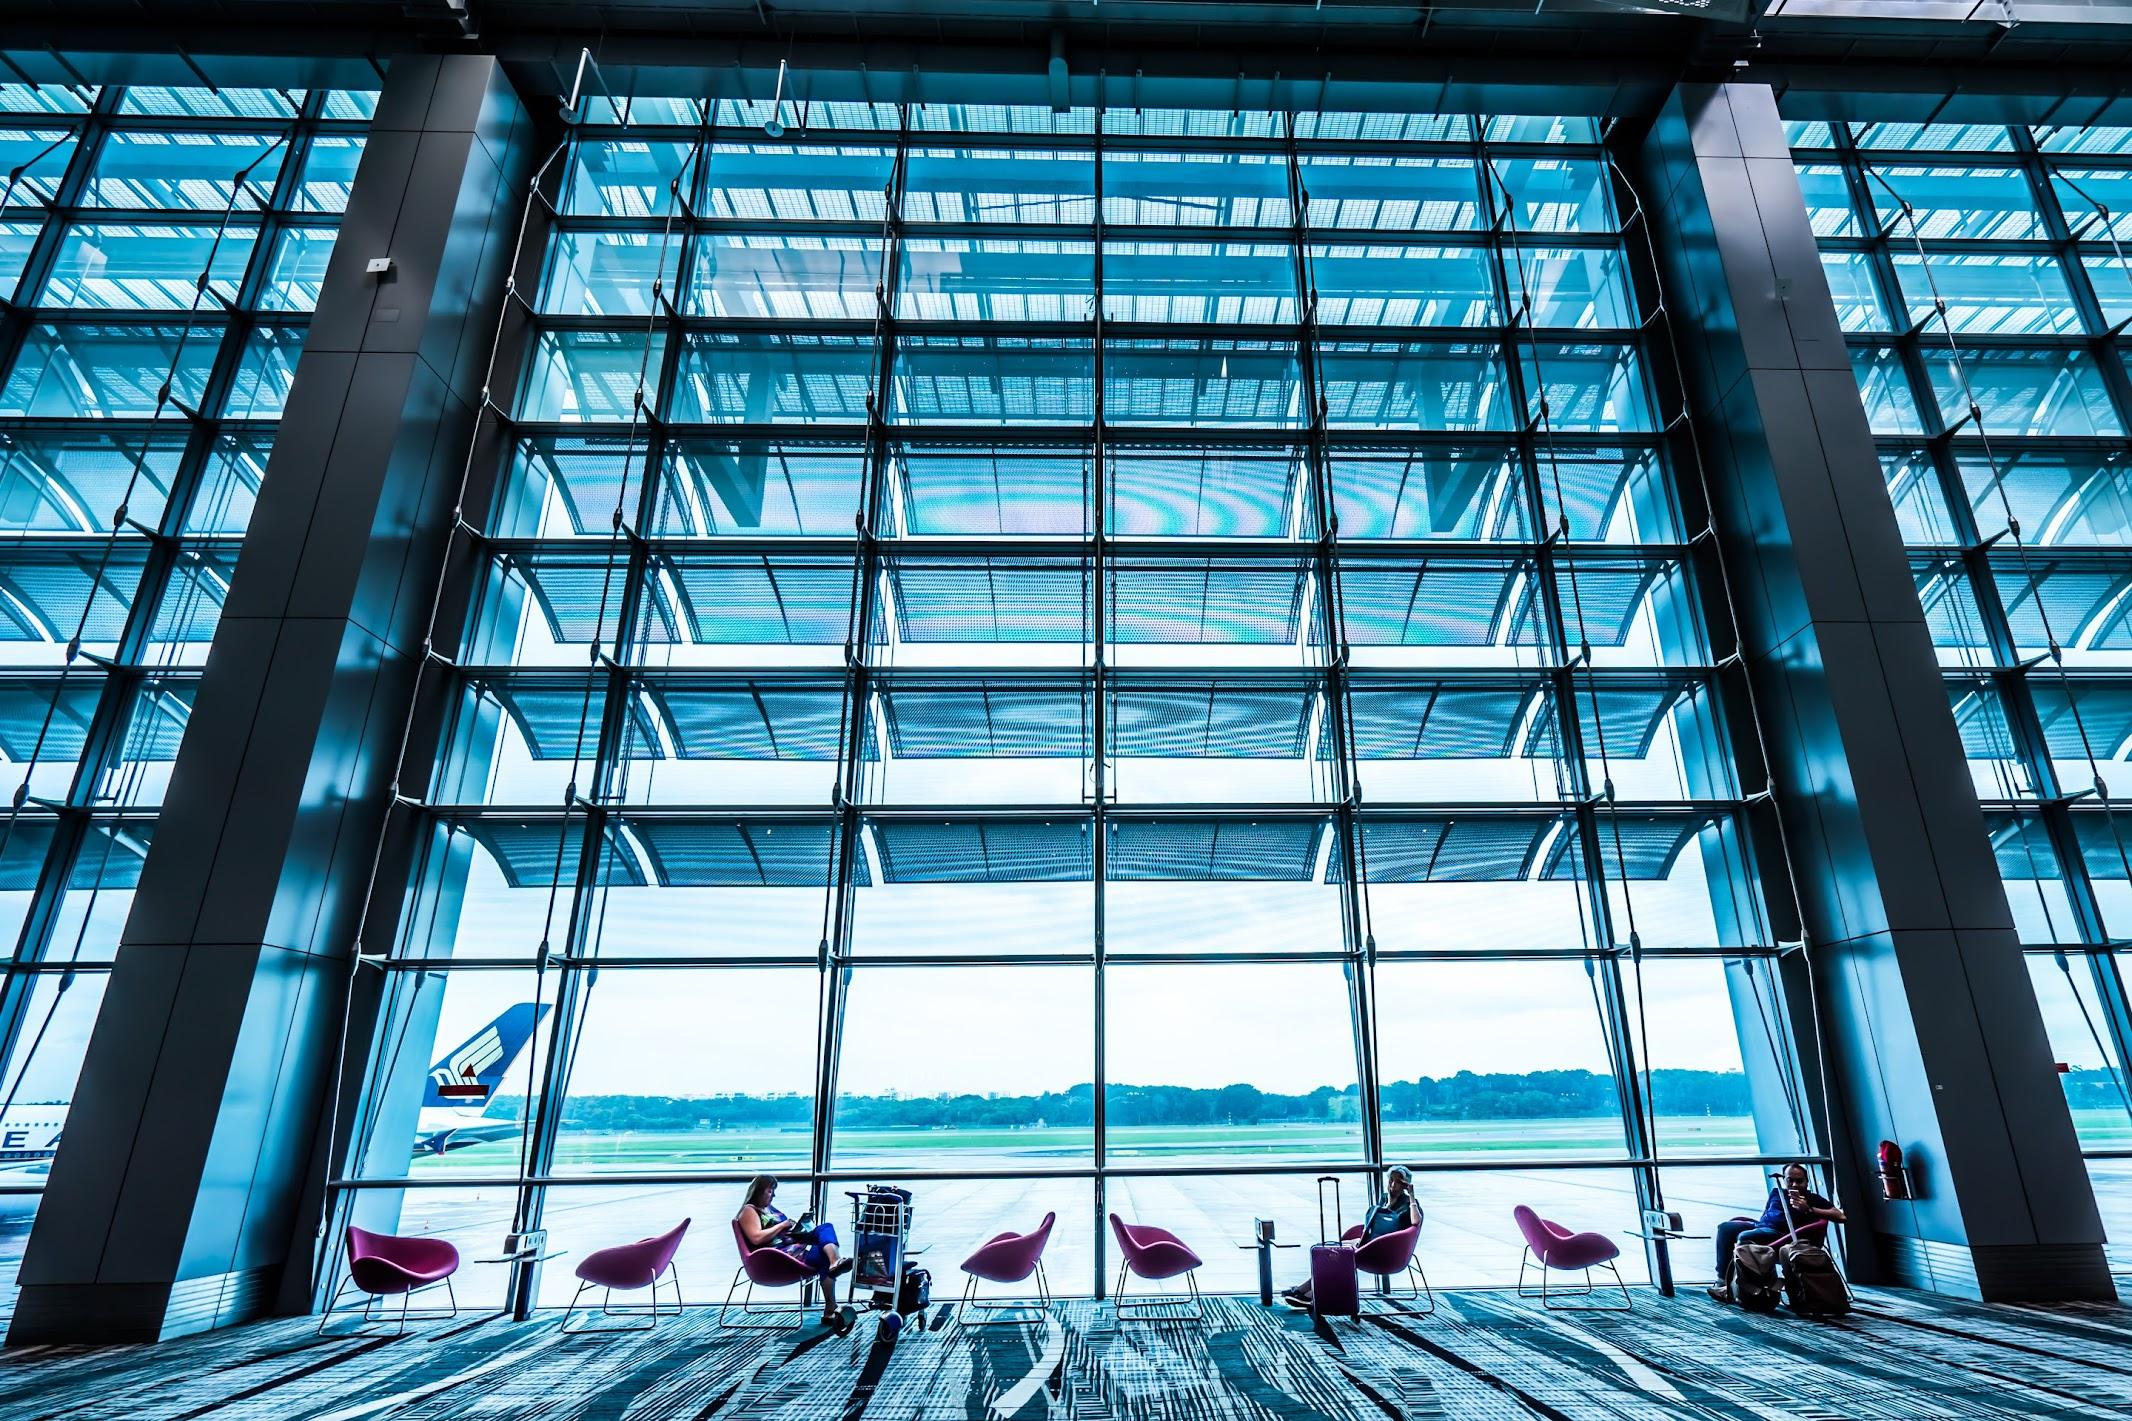 シンガポール チャンギ空港3